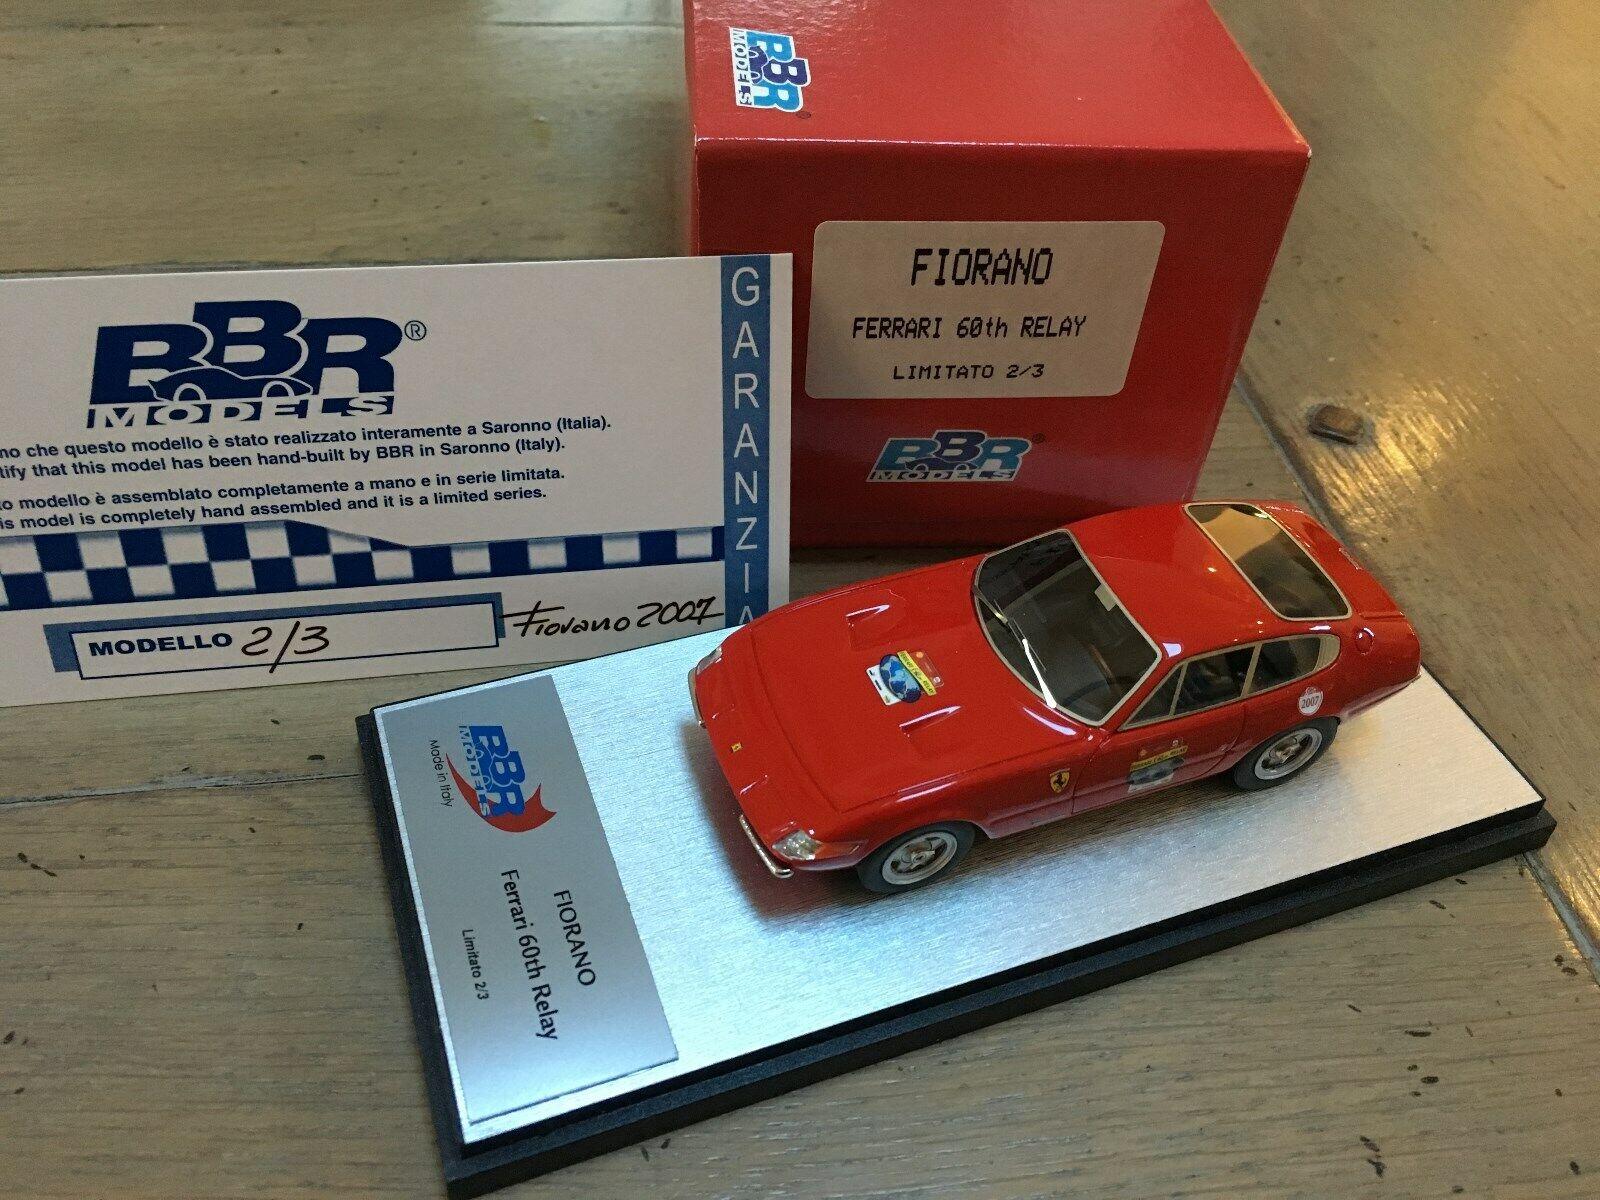 stile classico BBR  02 03 FERRARI 365 365 365 GTB4 Daytona rosso 1971 60th Anniversary Relay RARE 1 43  sconti e altro